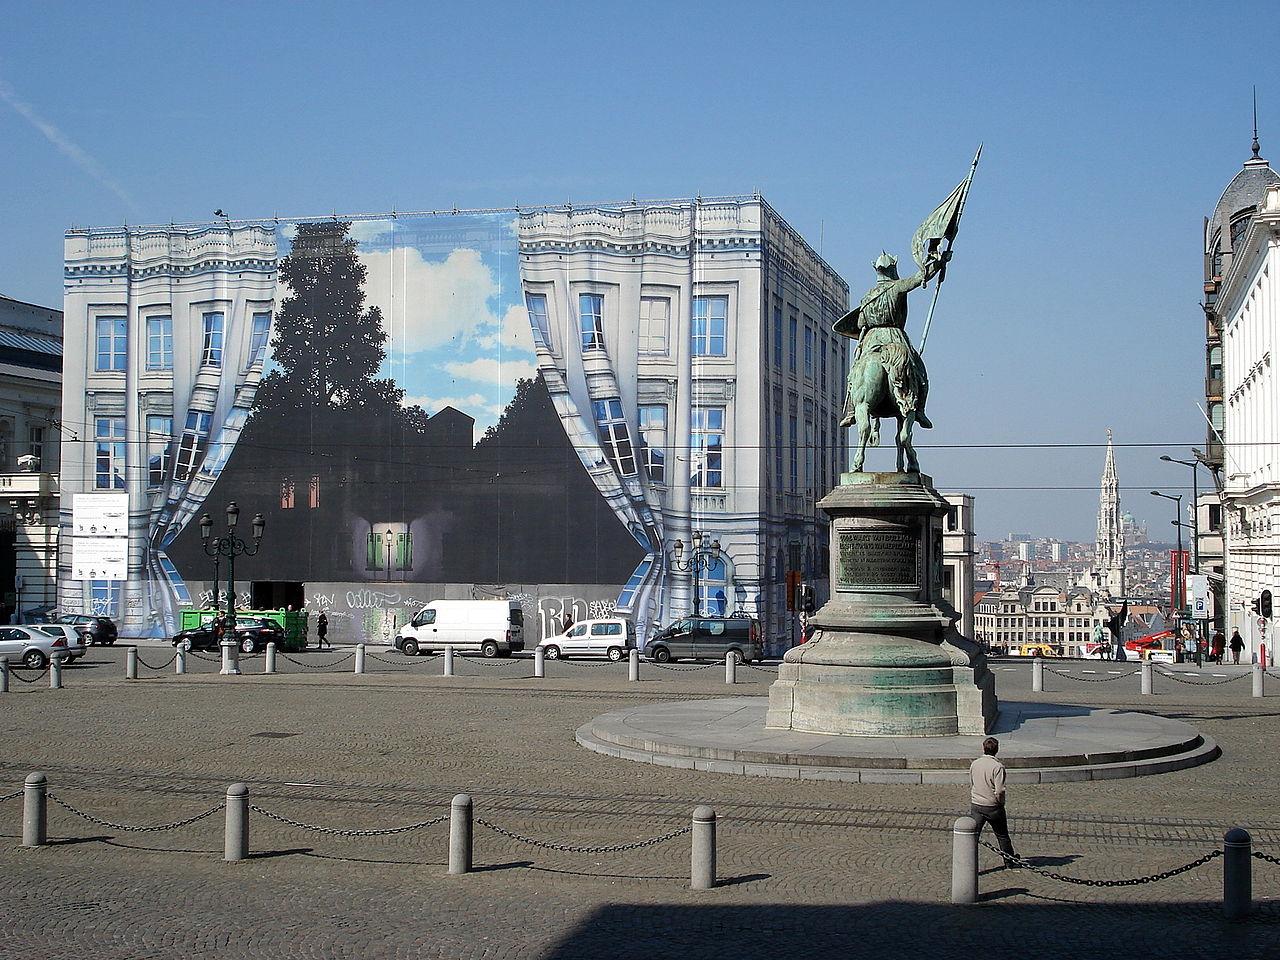 勒内·马格利特2017④比利时画家René?Magritte?(Belgian,?1898–1967) - 文铮 - 柳州文铮